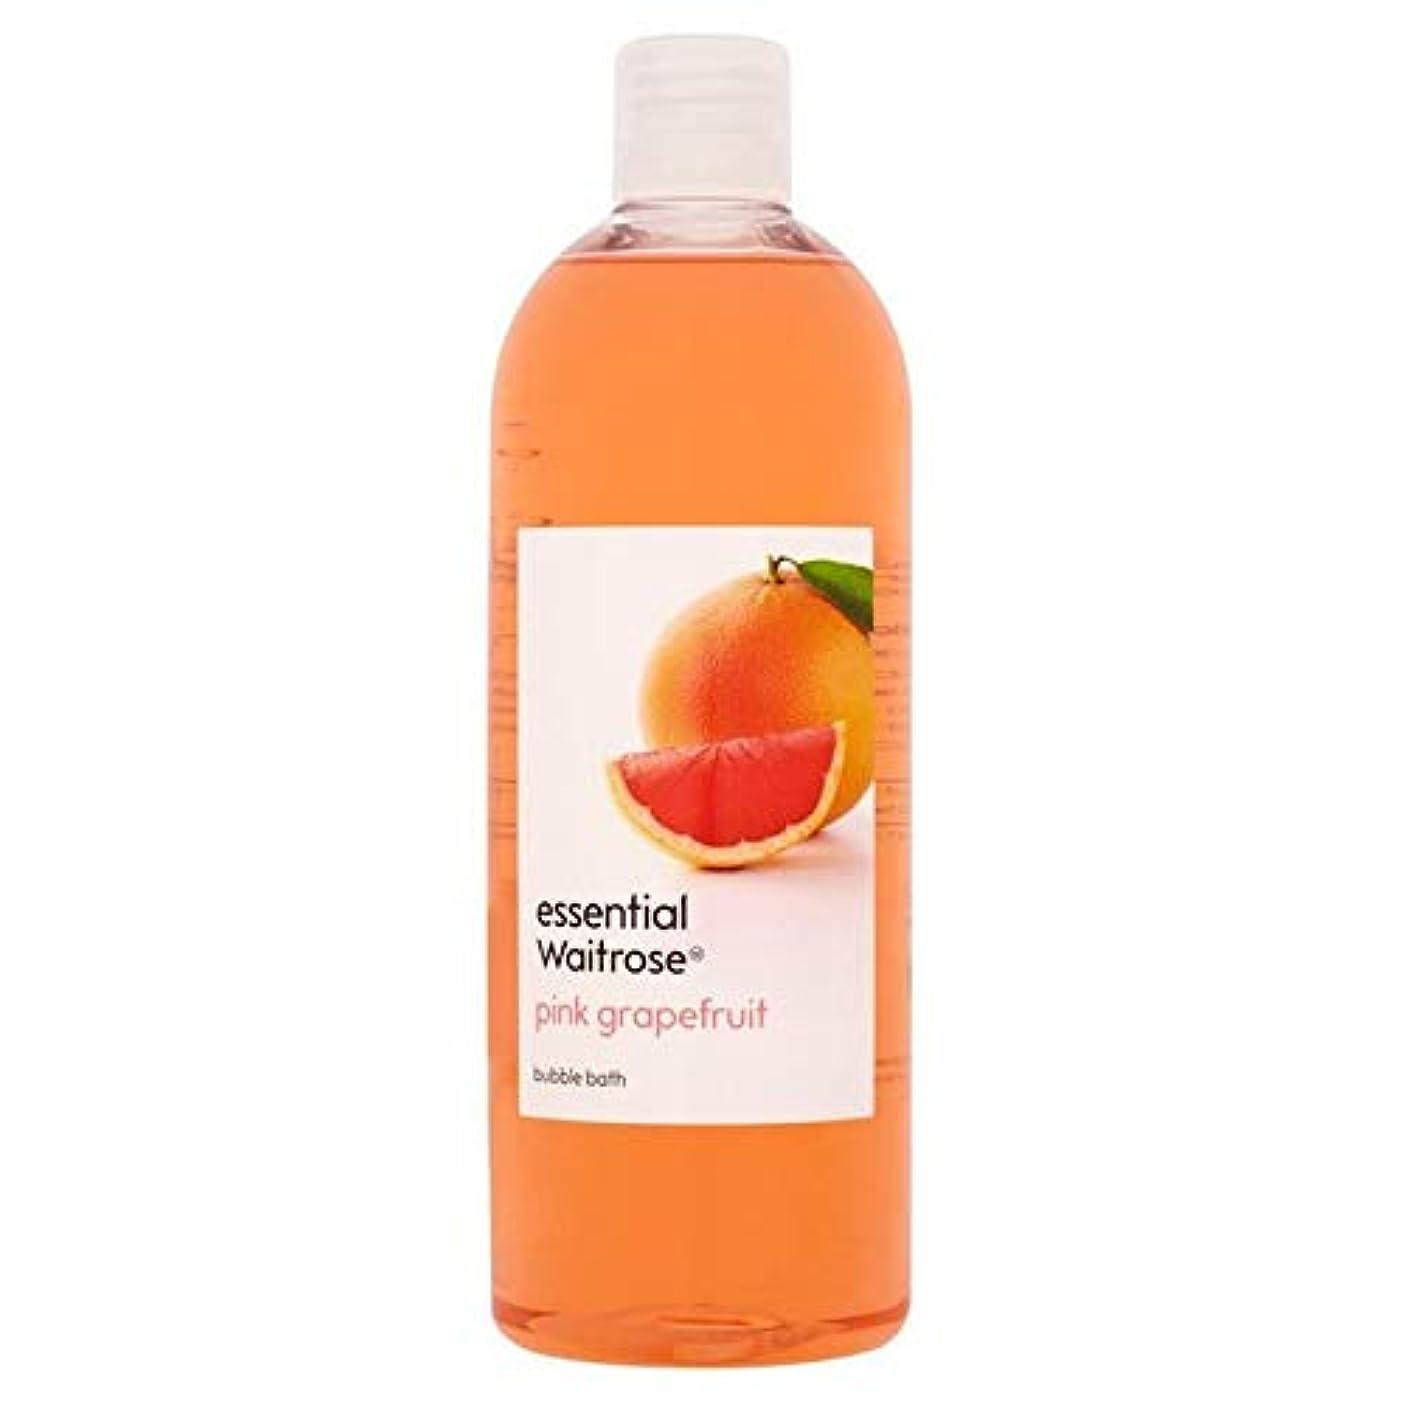 葬儀自発助手[Waitrose ] 基本的なウェイトローズの泡風呂ピンクグレープフルーツ750ミリリットル - Essential Waitrose Bubble Bath Pink Grapefruit 750ml [並行輸入品]